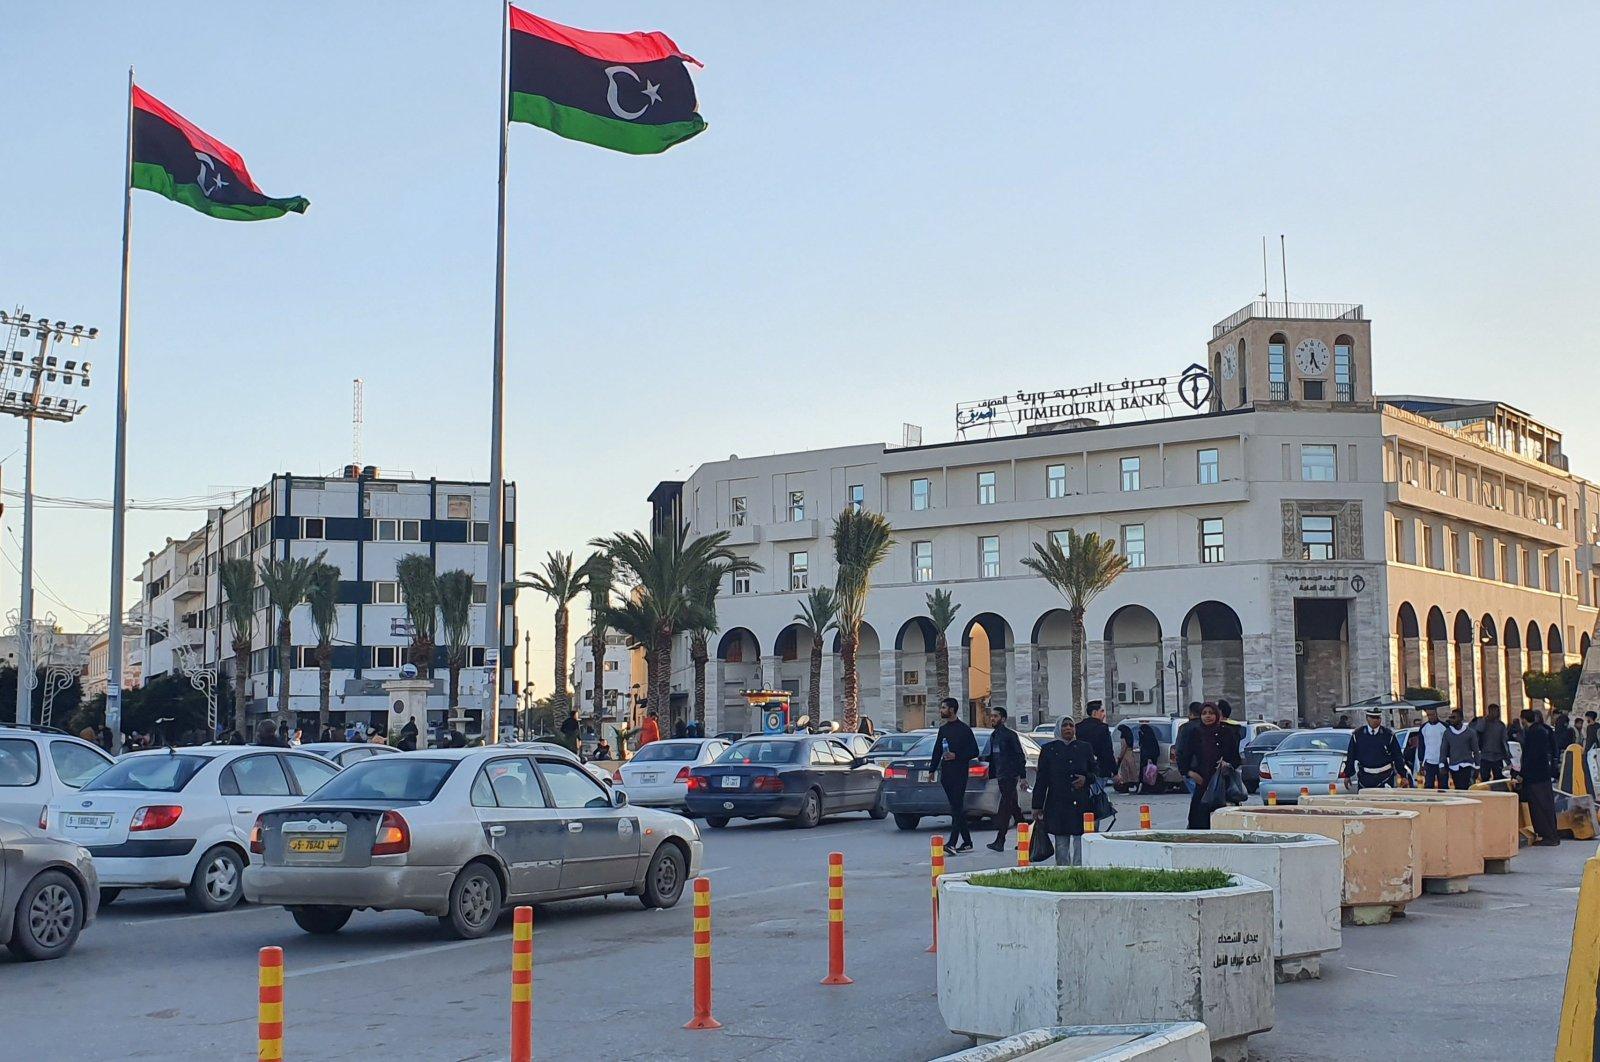 ليبيا تتفوق على دول كبرى في مؤشر البنية التحتية بأفريقيا لعام 2020